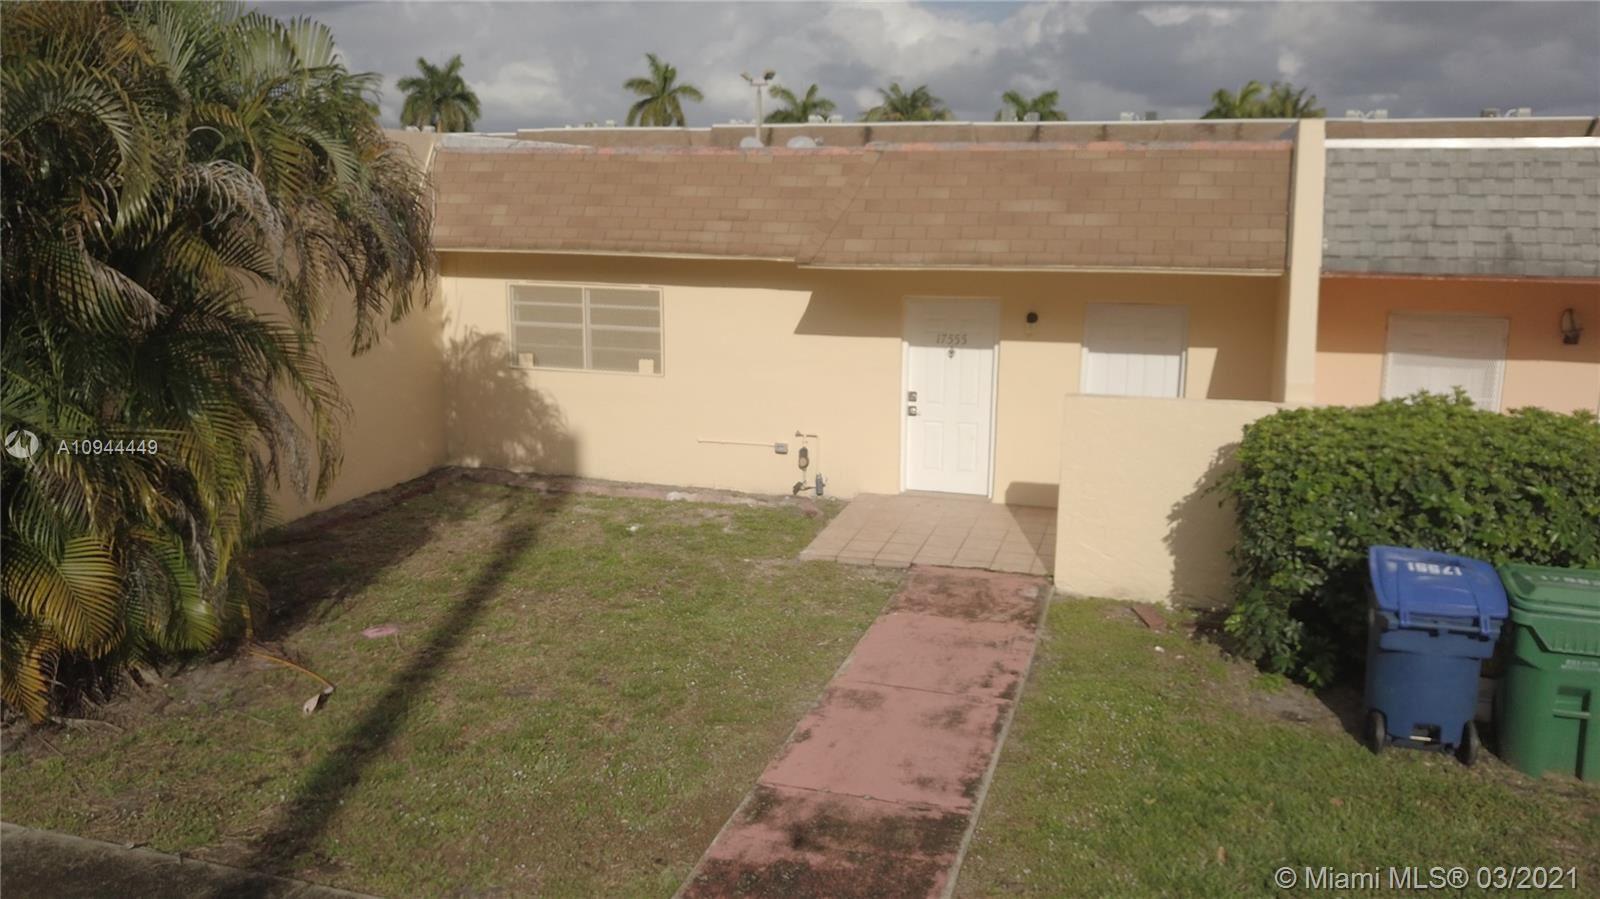 17555 NW 7th Ave #17555, Miami Gardens, FL 33169 - #: A10944449